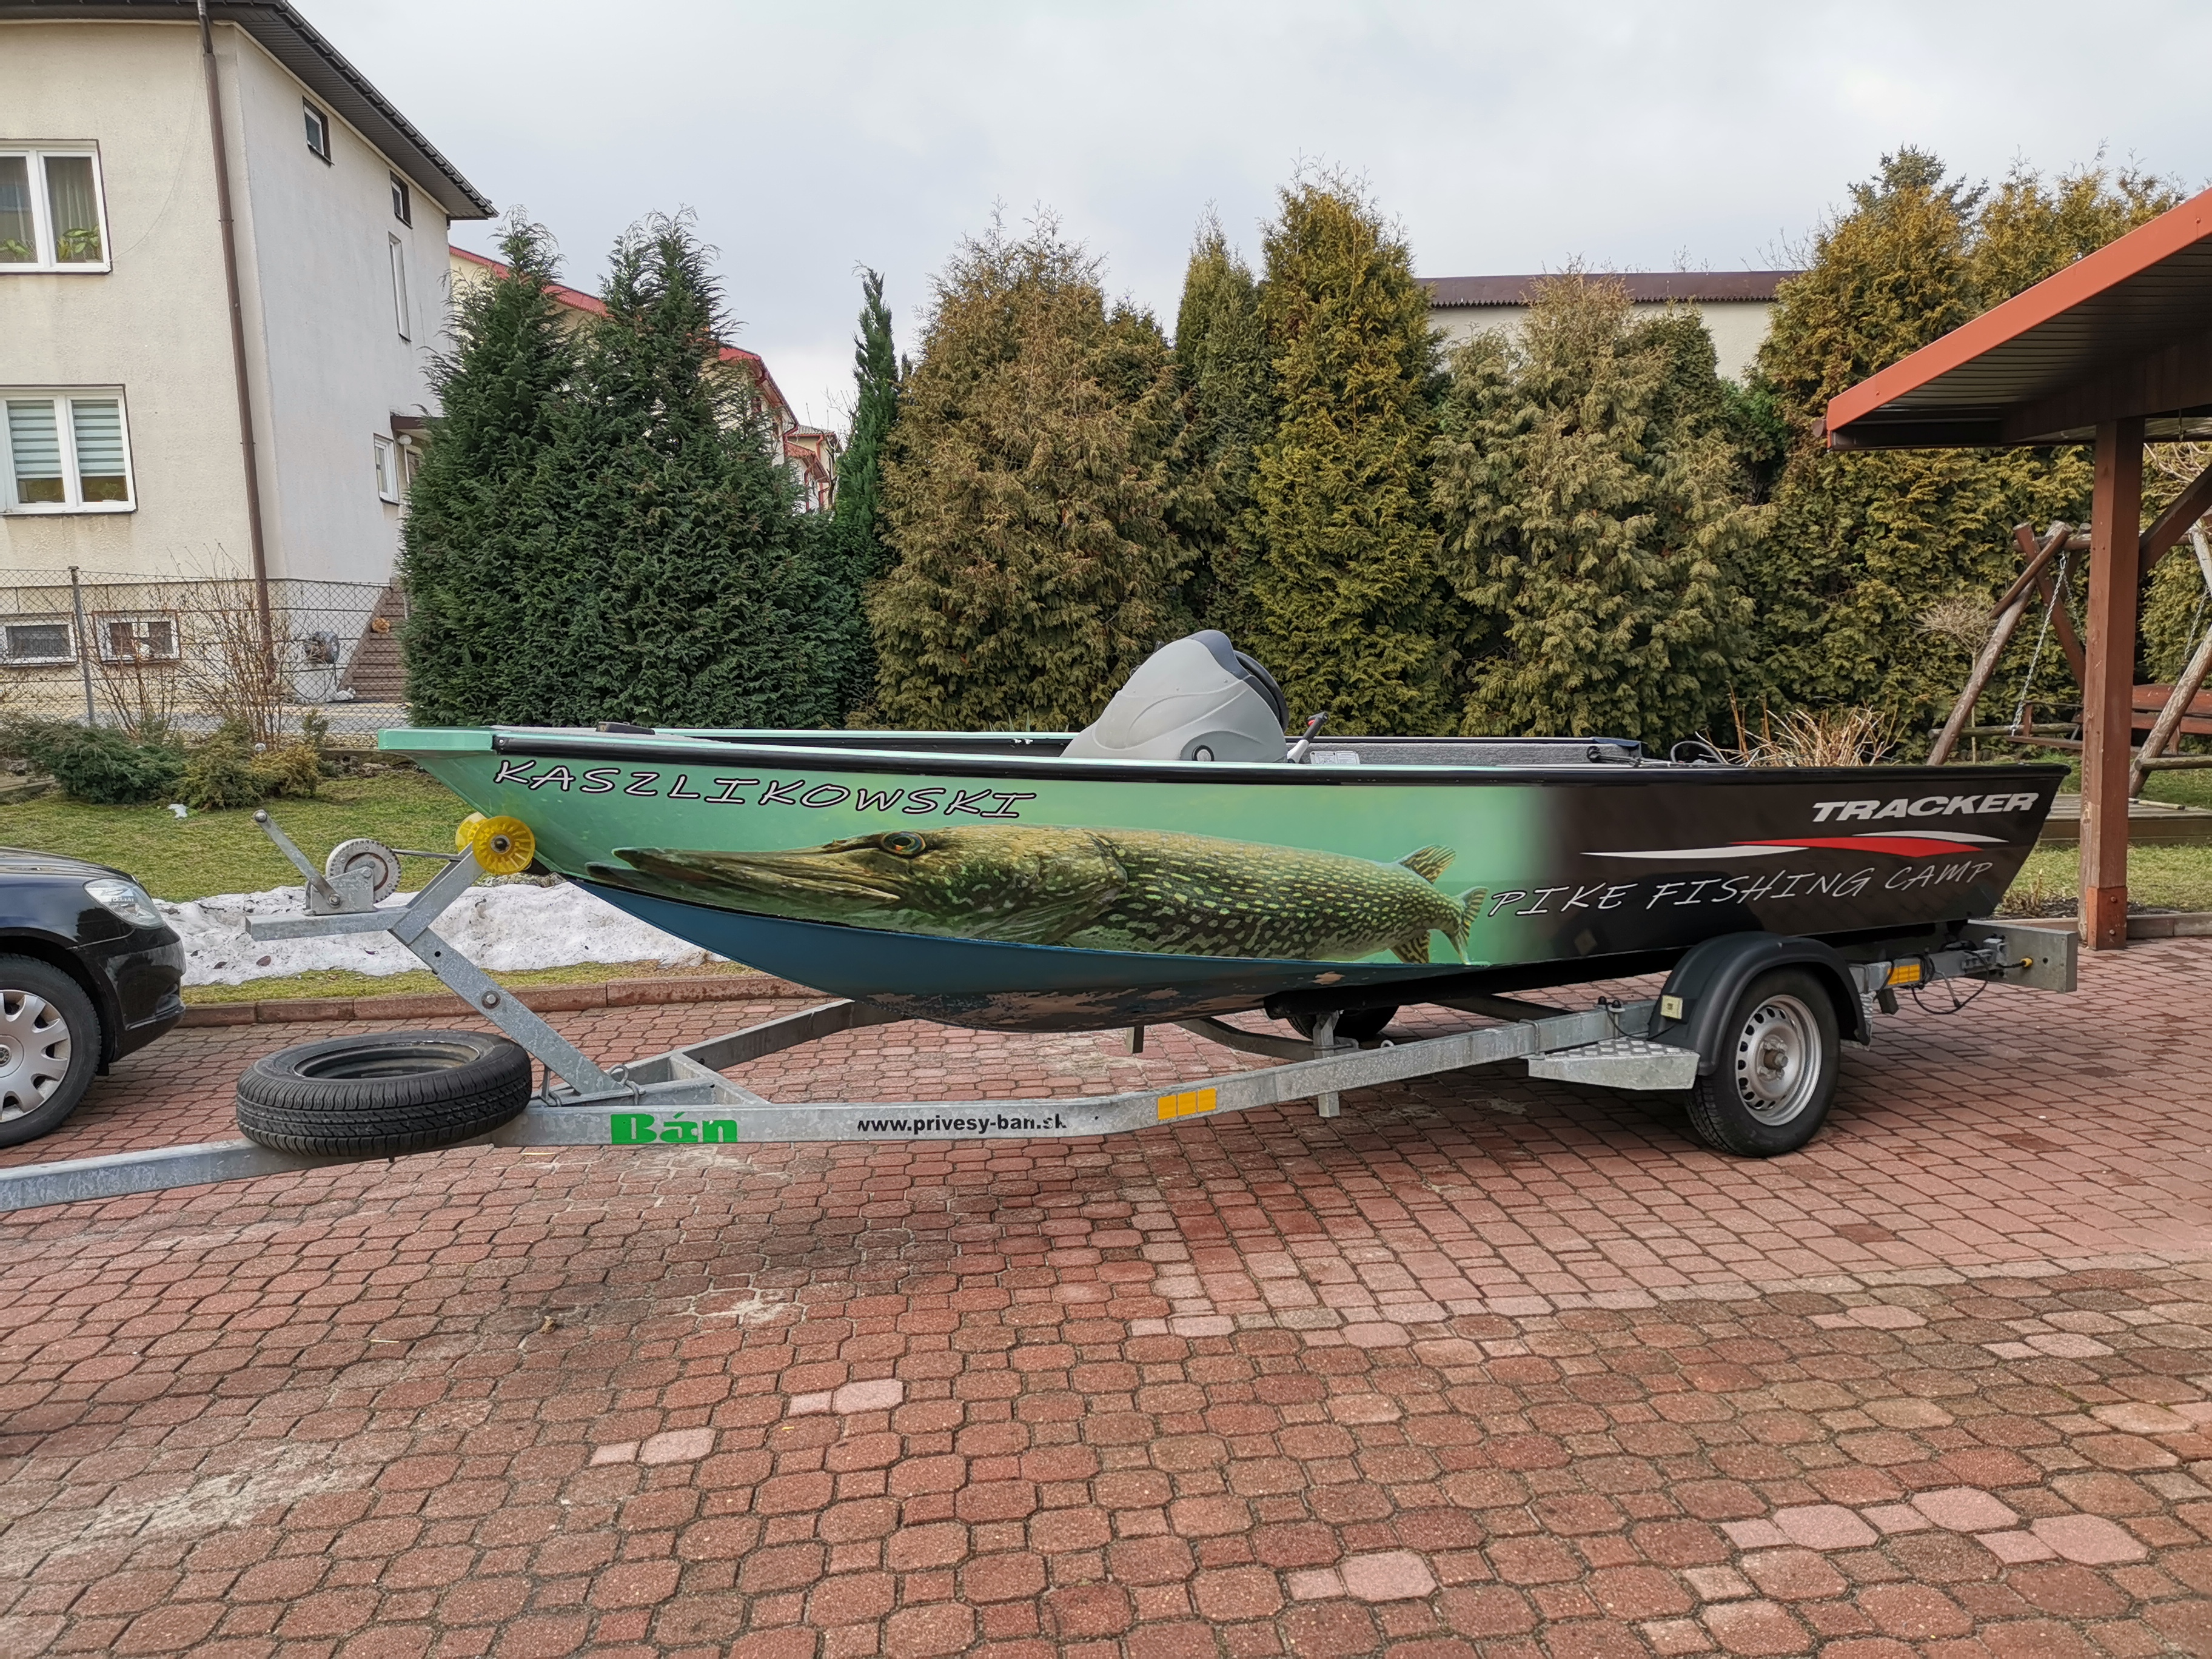 Oklejanie reklamowe - łódź tracker